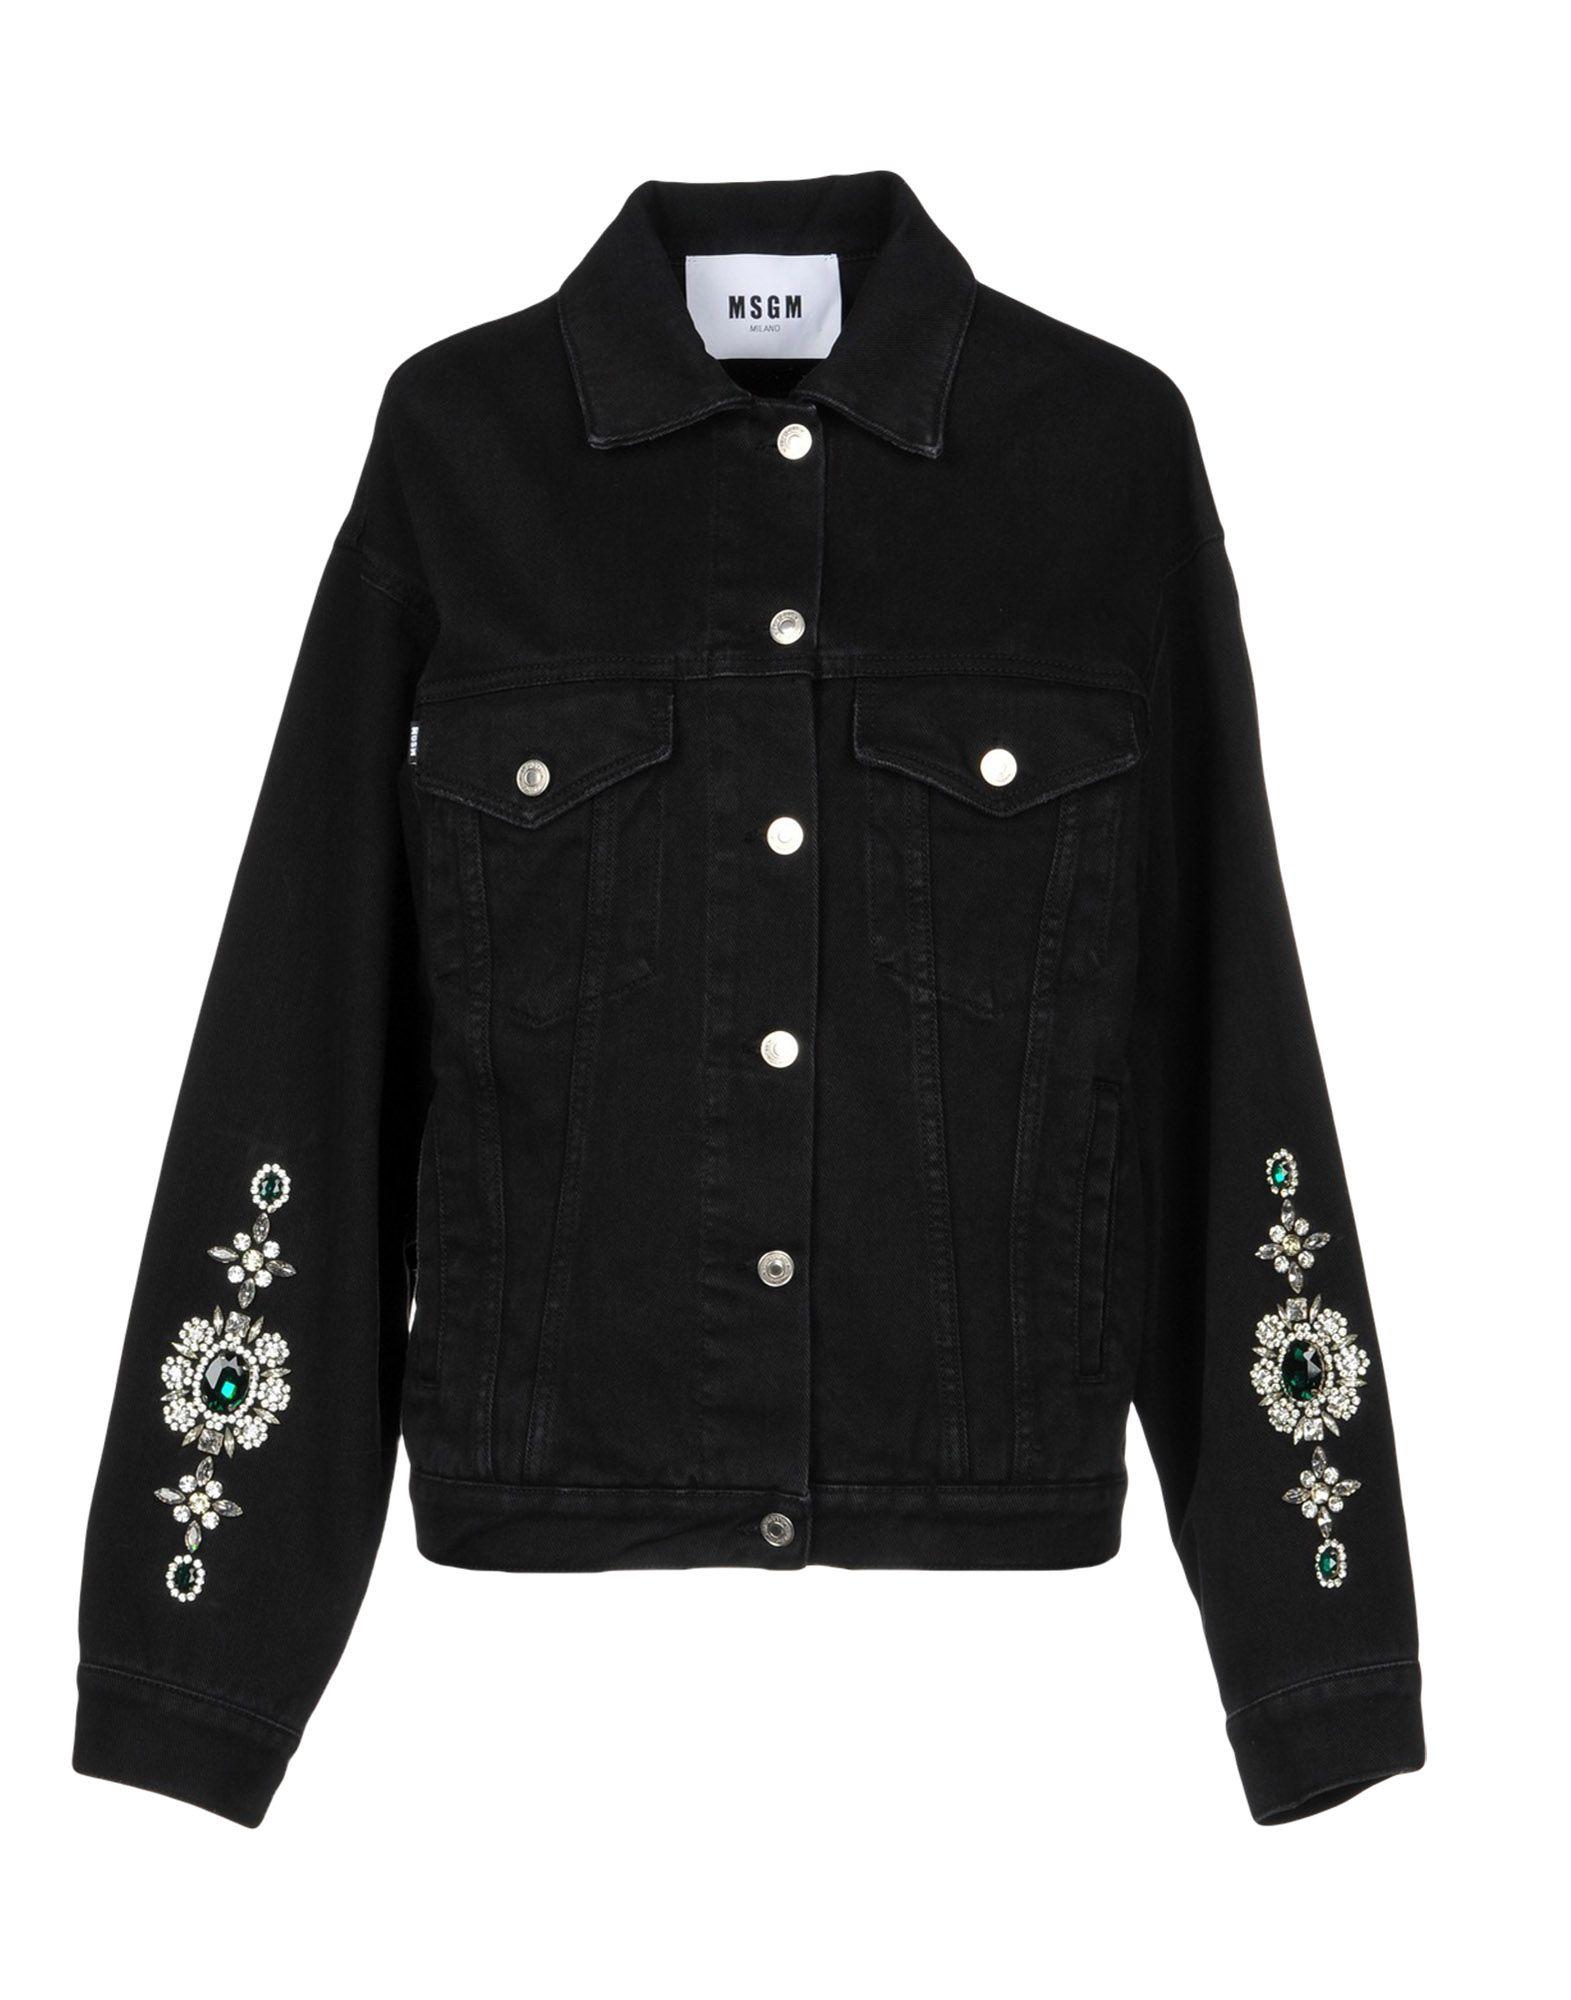 Giubbotto Jeans Msgm Donna - Acquista online su IpBpf